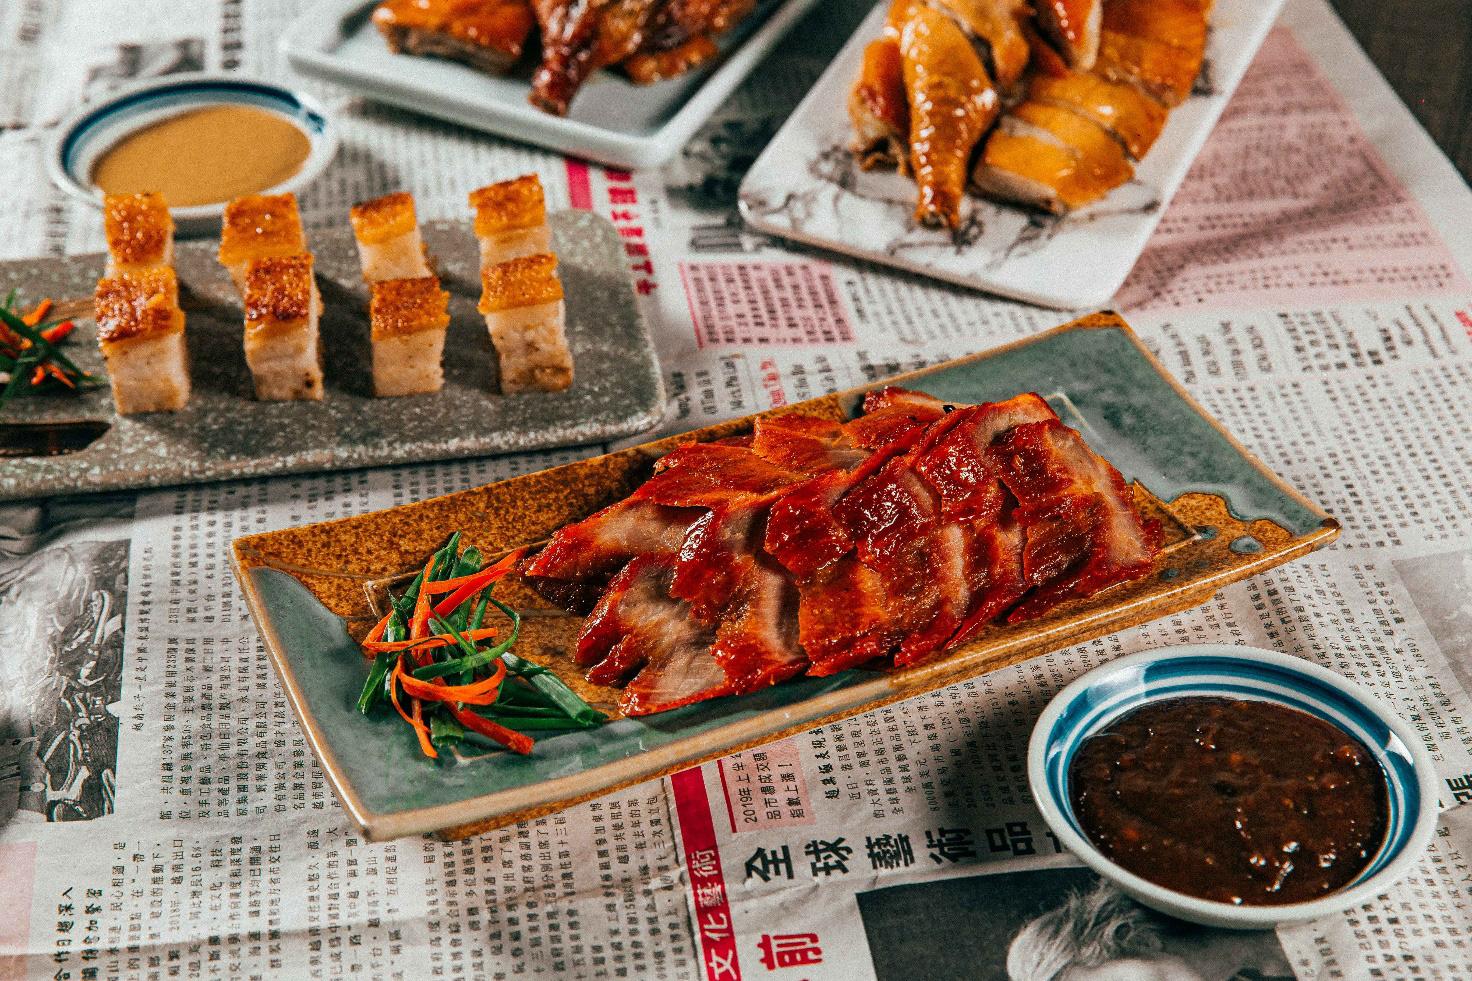 Khám phá tinh tế ẩm thực Trung Hoa giữa phố đi bộ Nguyễn Huệ tại MISTER LAI KITCHEN - Ảnh 5.